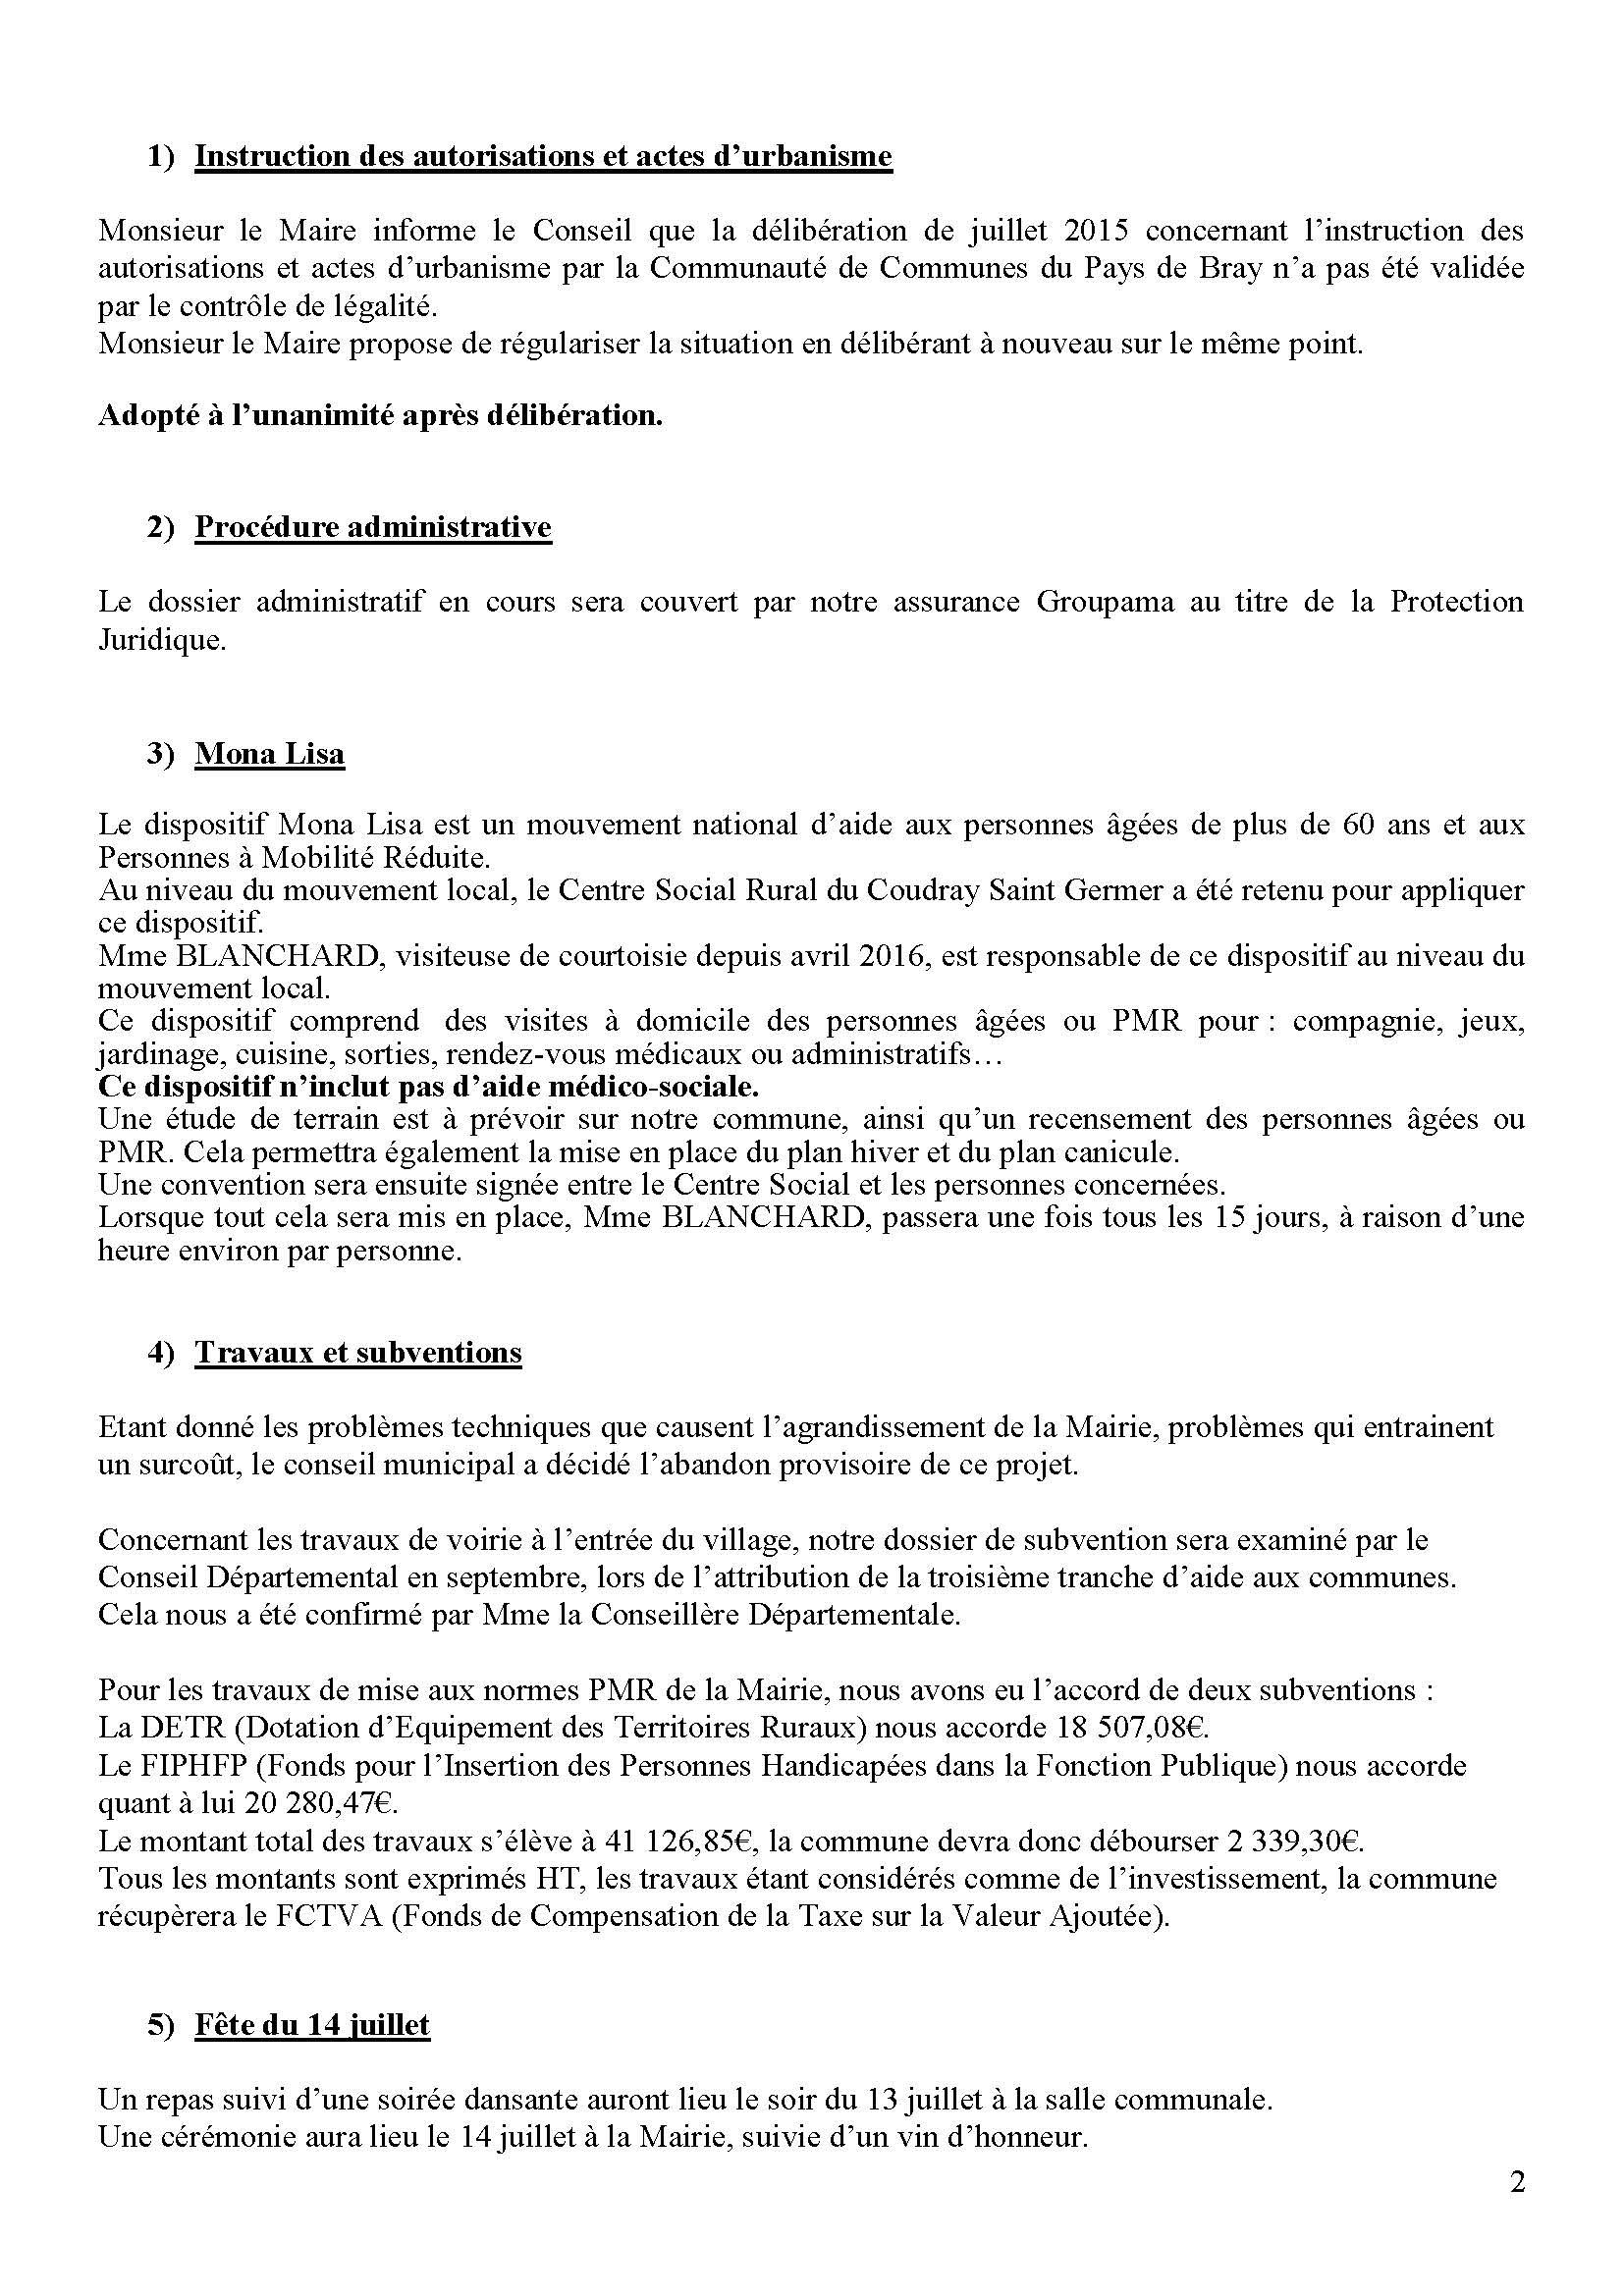 cr-du-24062016-page-2